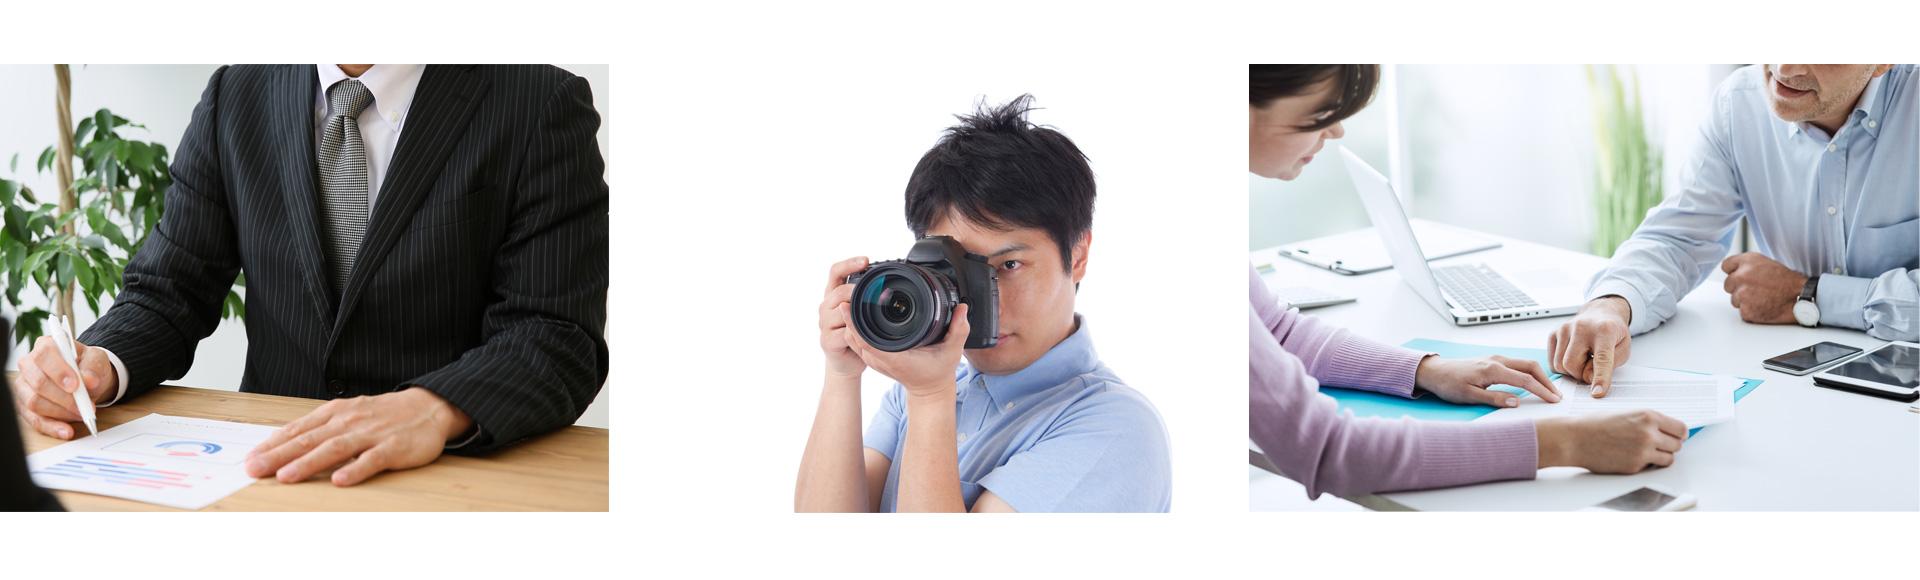 丁寧な「取材」、プロカメラマンの「撮影」、経験豊富な編集・デザイン!!